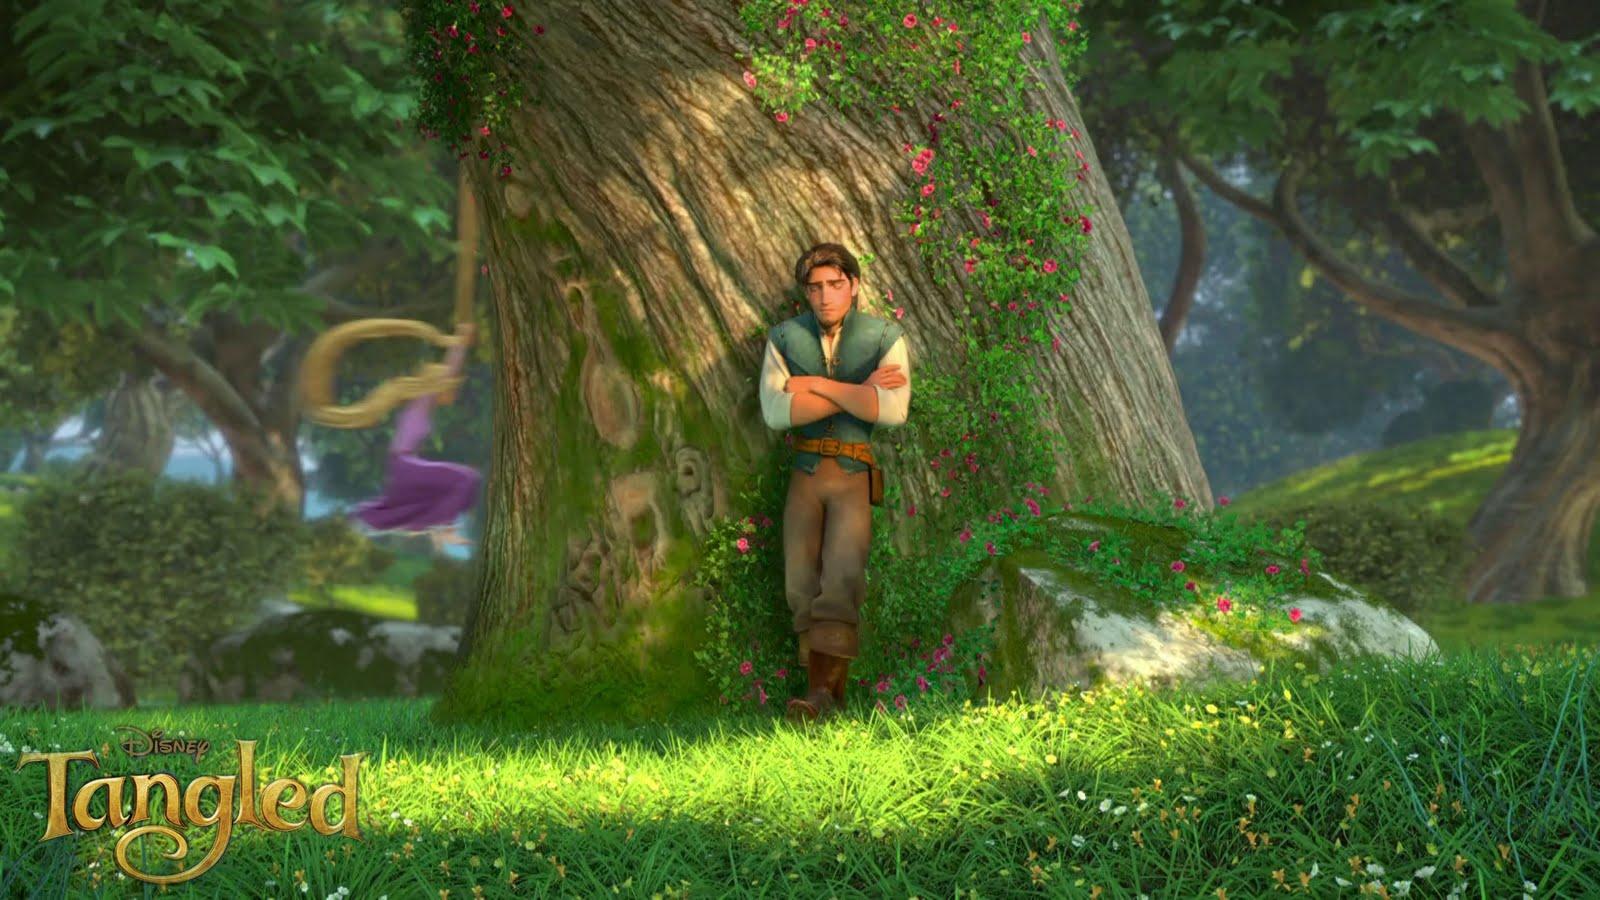 http://4.bp.blogspot.com/_PiMRinPGIX8/TUBdvNXRe8I/AAAAAAAABzA/Mhe-nNB23fw/s1600/Disney+Tangled+wallpaper.jpg